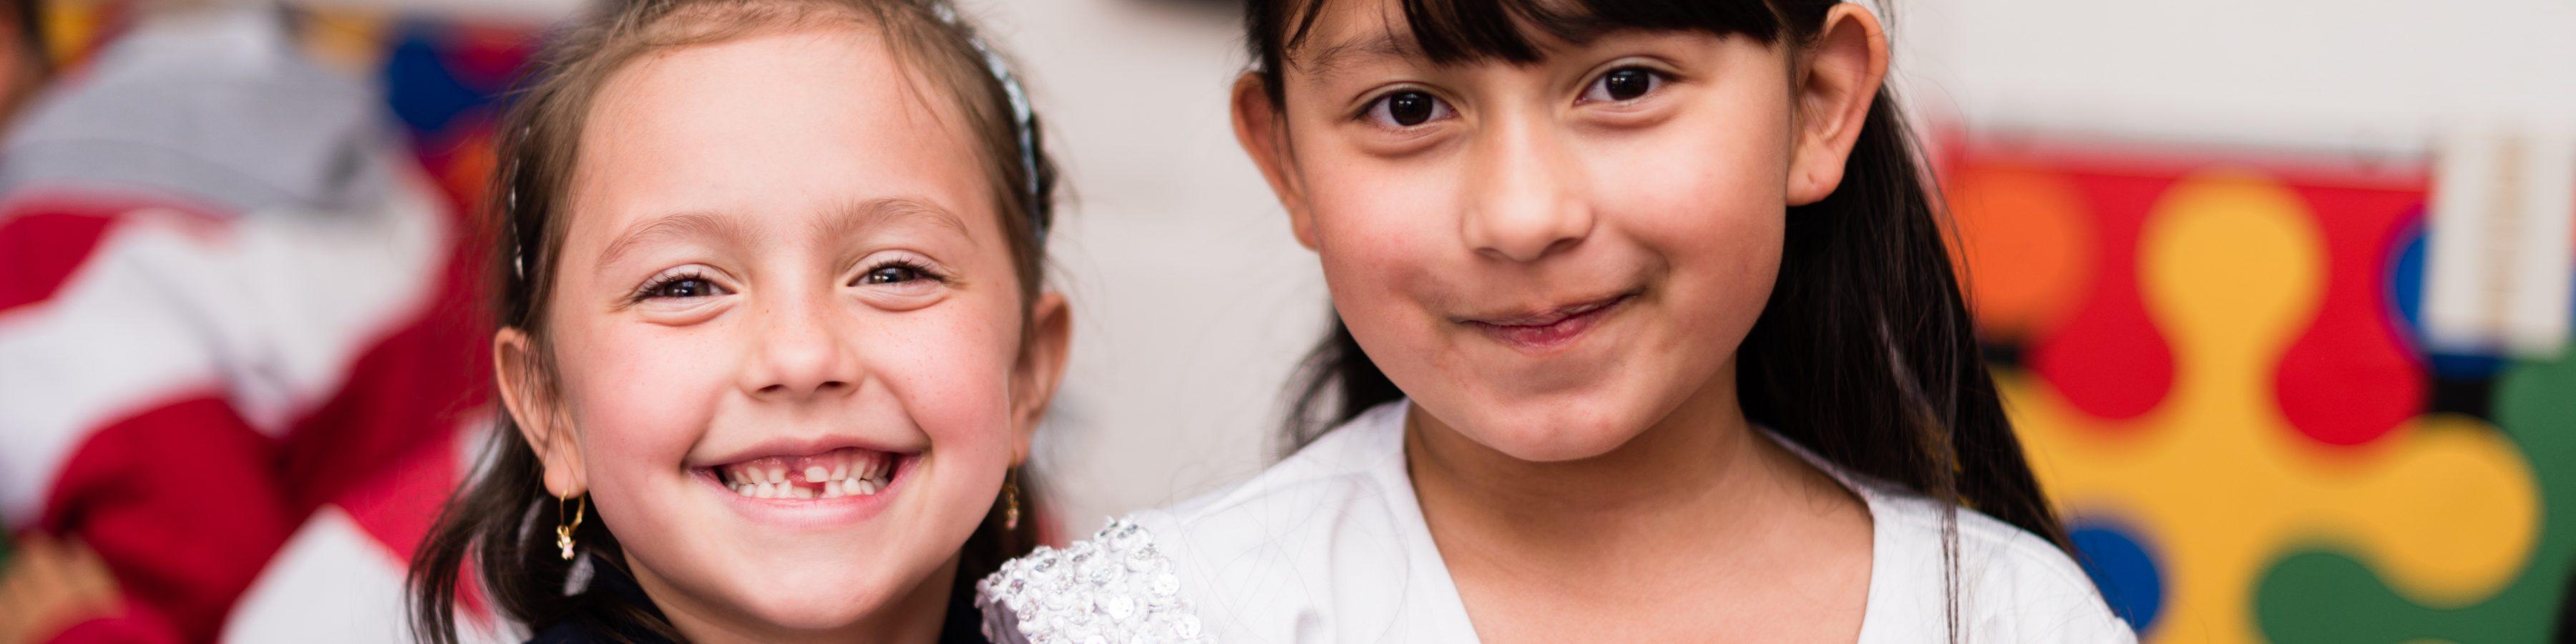 niñas sonriendo